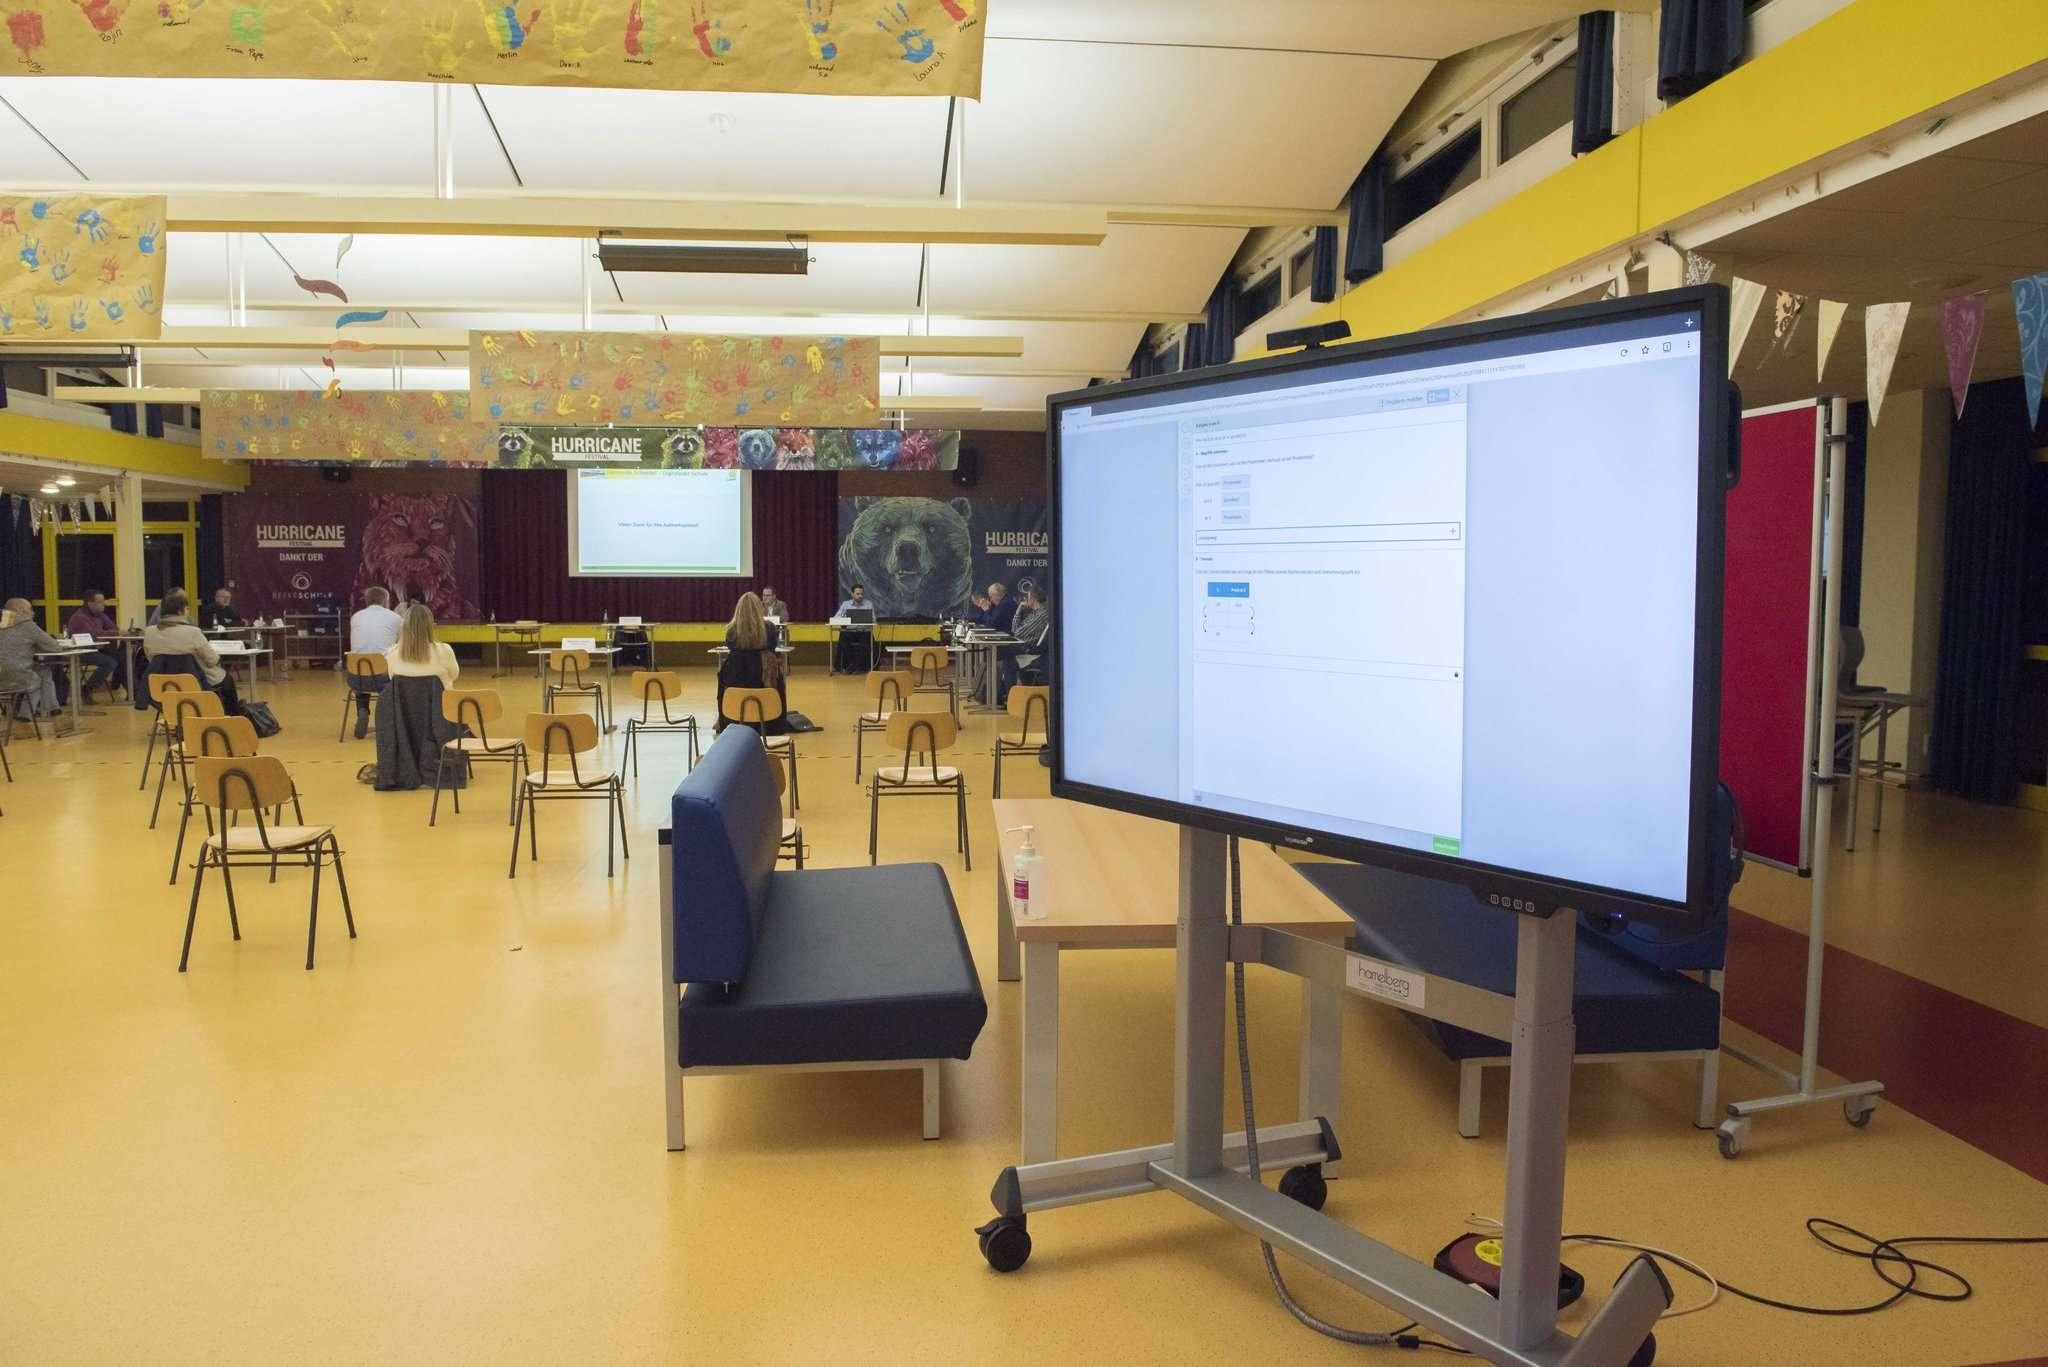 Große Monitore gehören schon zum Alltag in der Beeke-Schule, am WLAN hapert es noch.